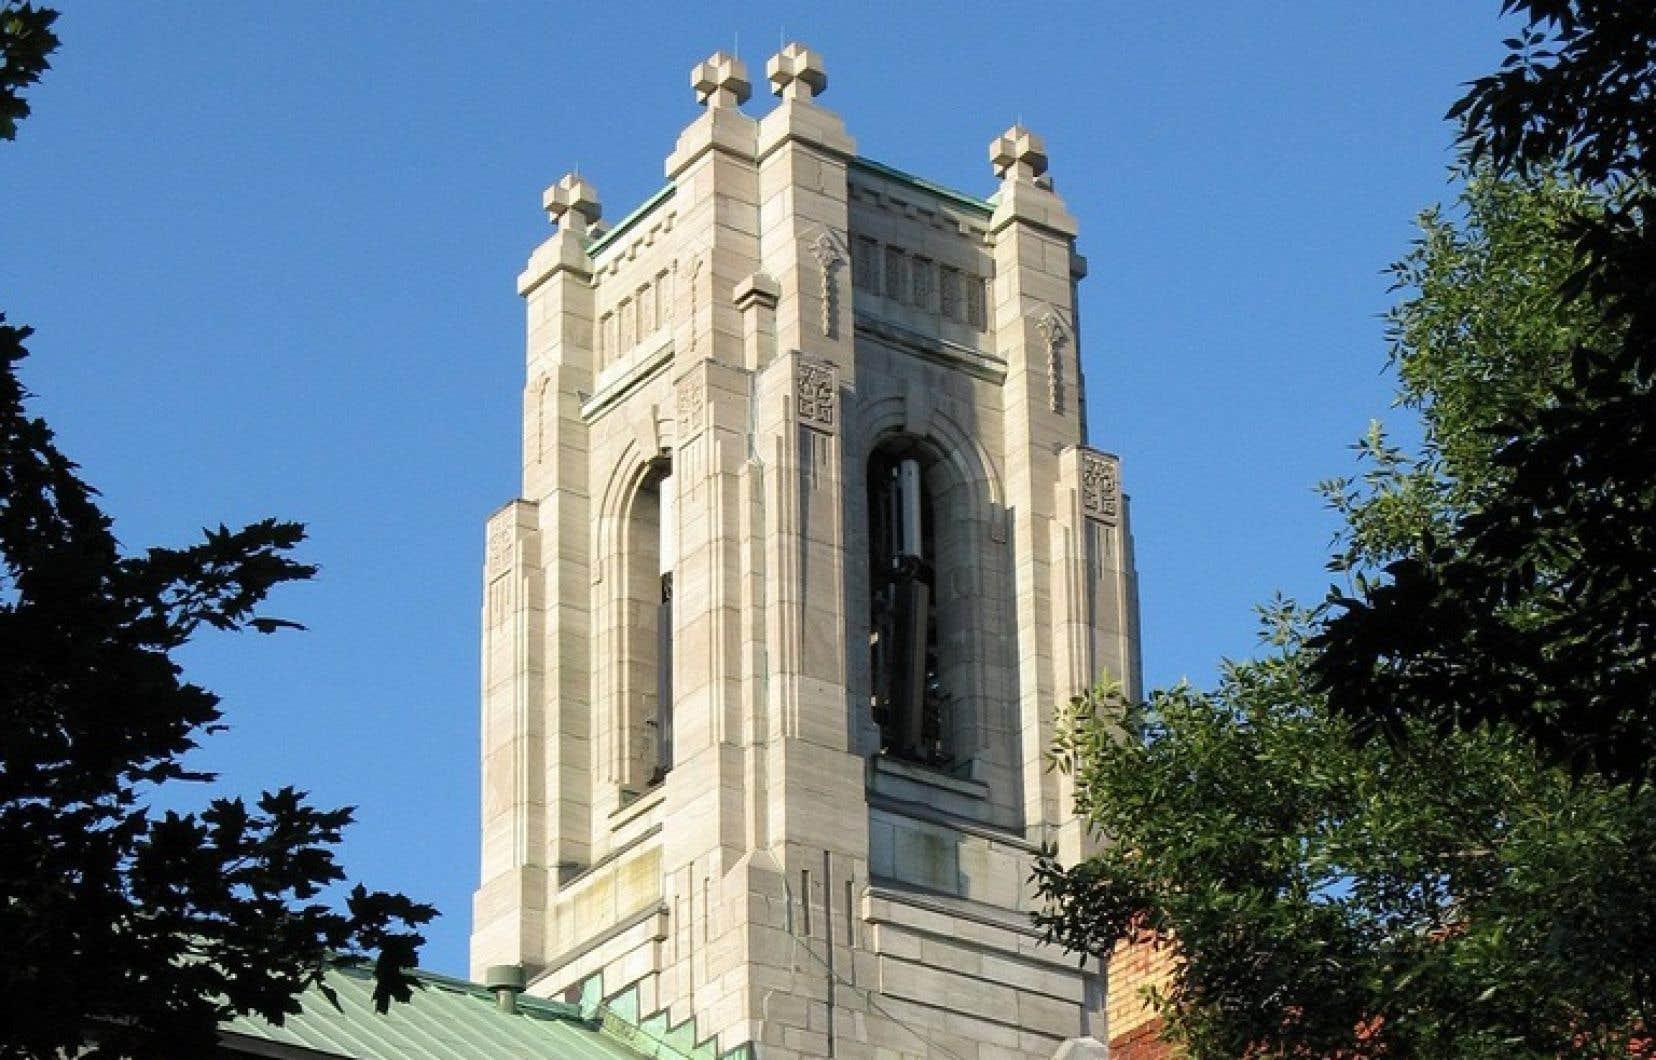 Construite au début des années1930, l'église Saint-Esprit-de-Rosemont est considérée comme la seule église de style Art déco à Montréal.